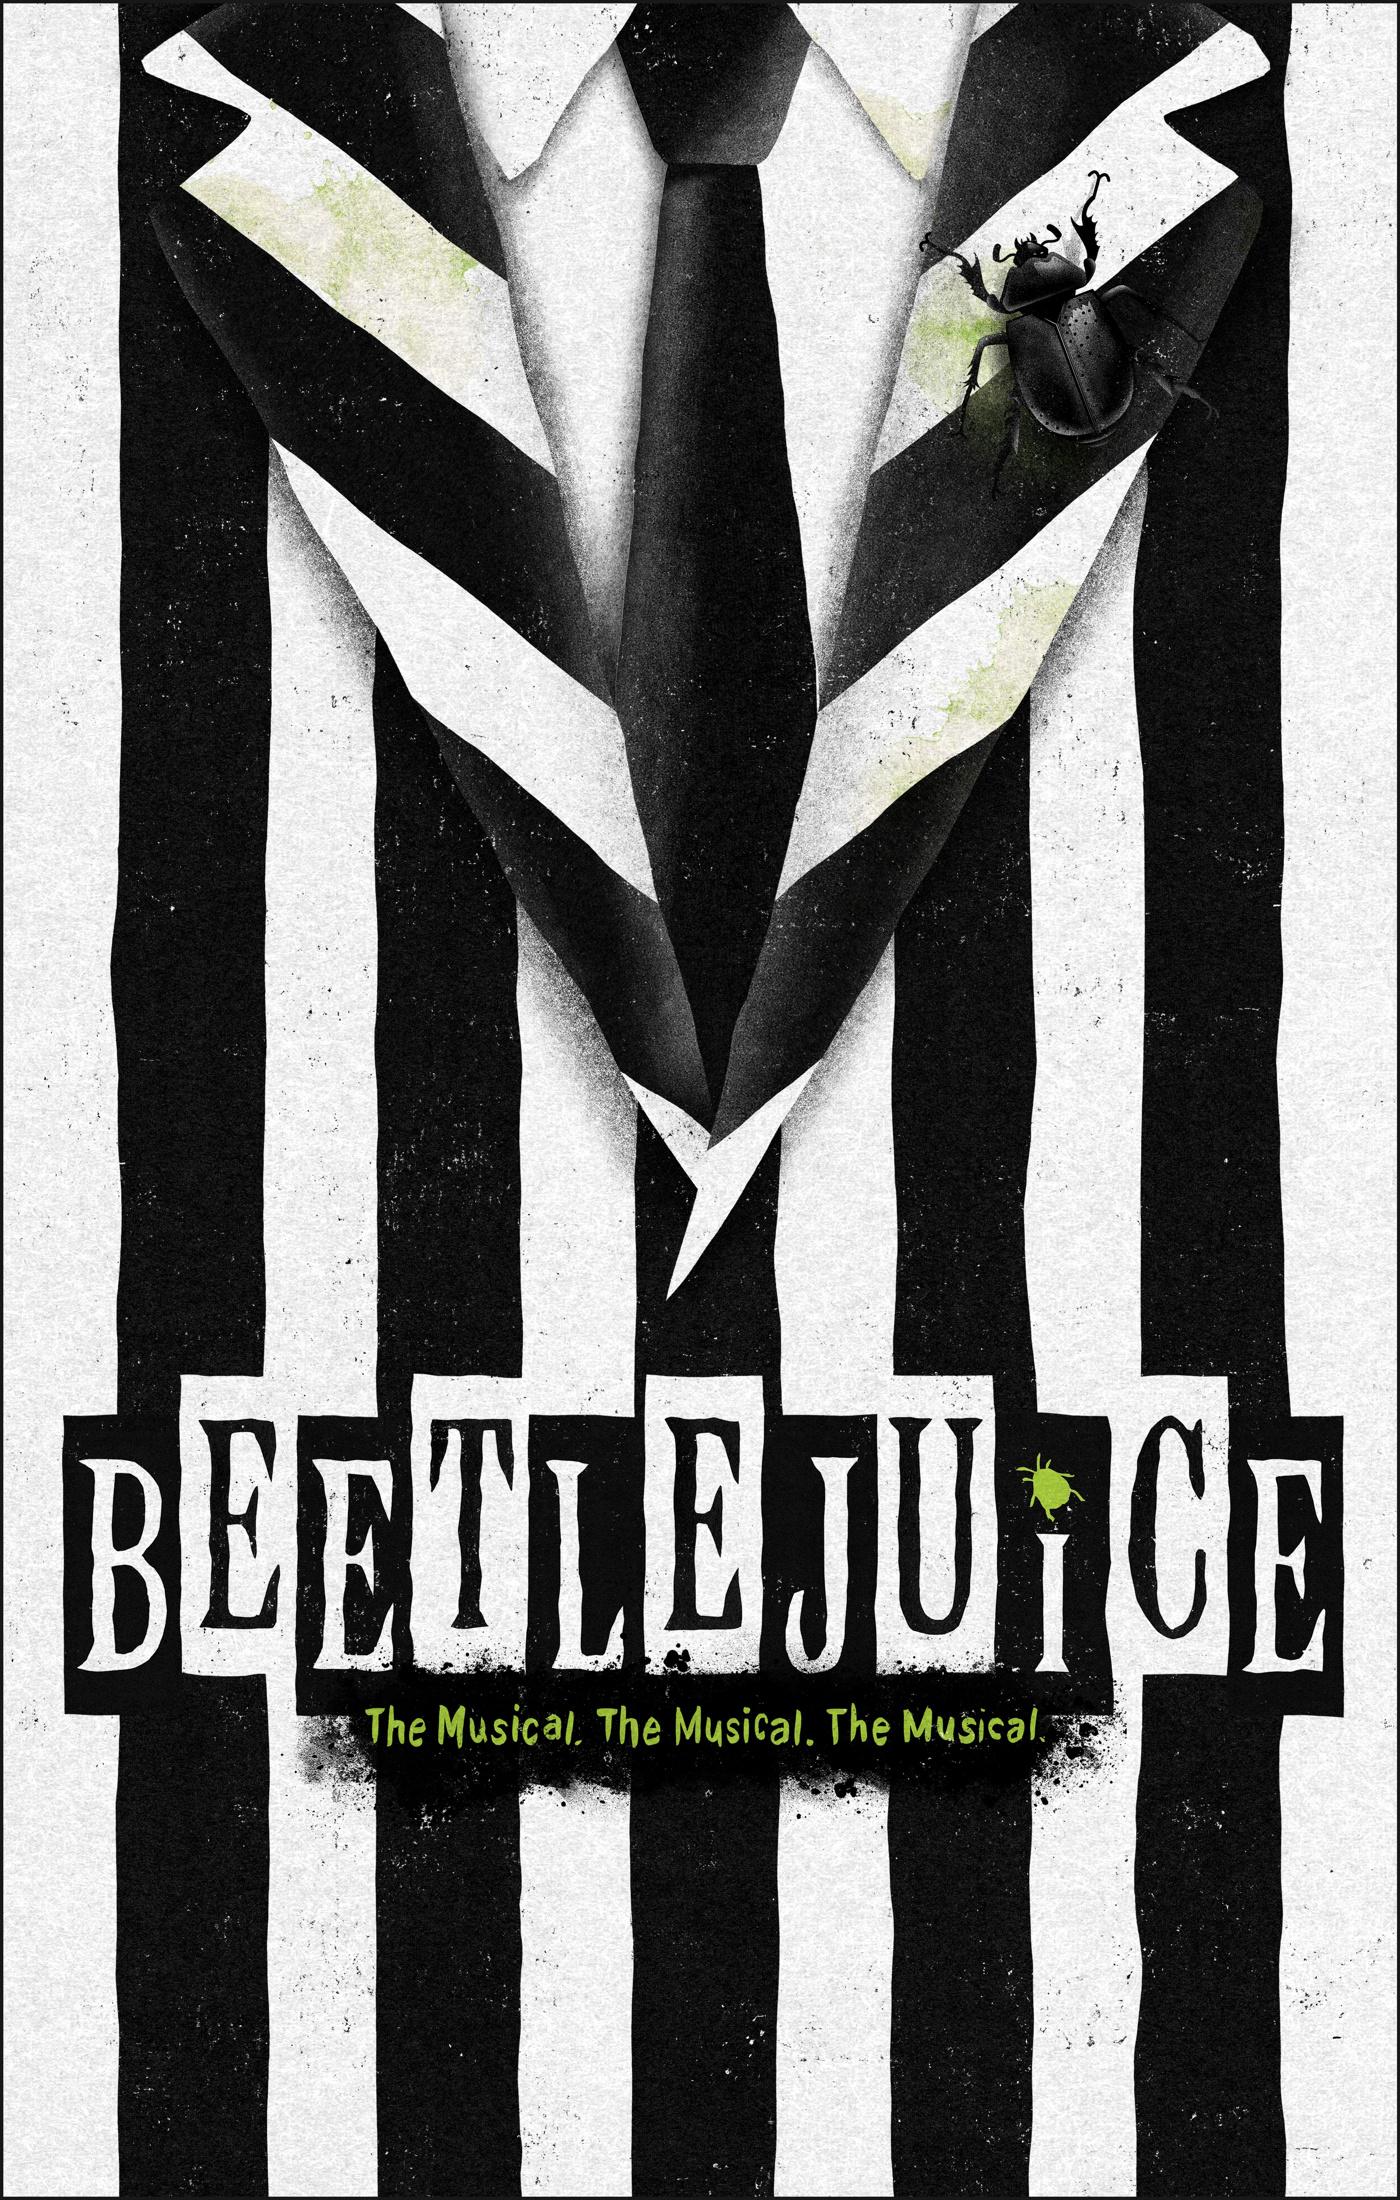 Beetljuice will play the Winter Garden!